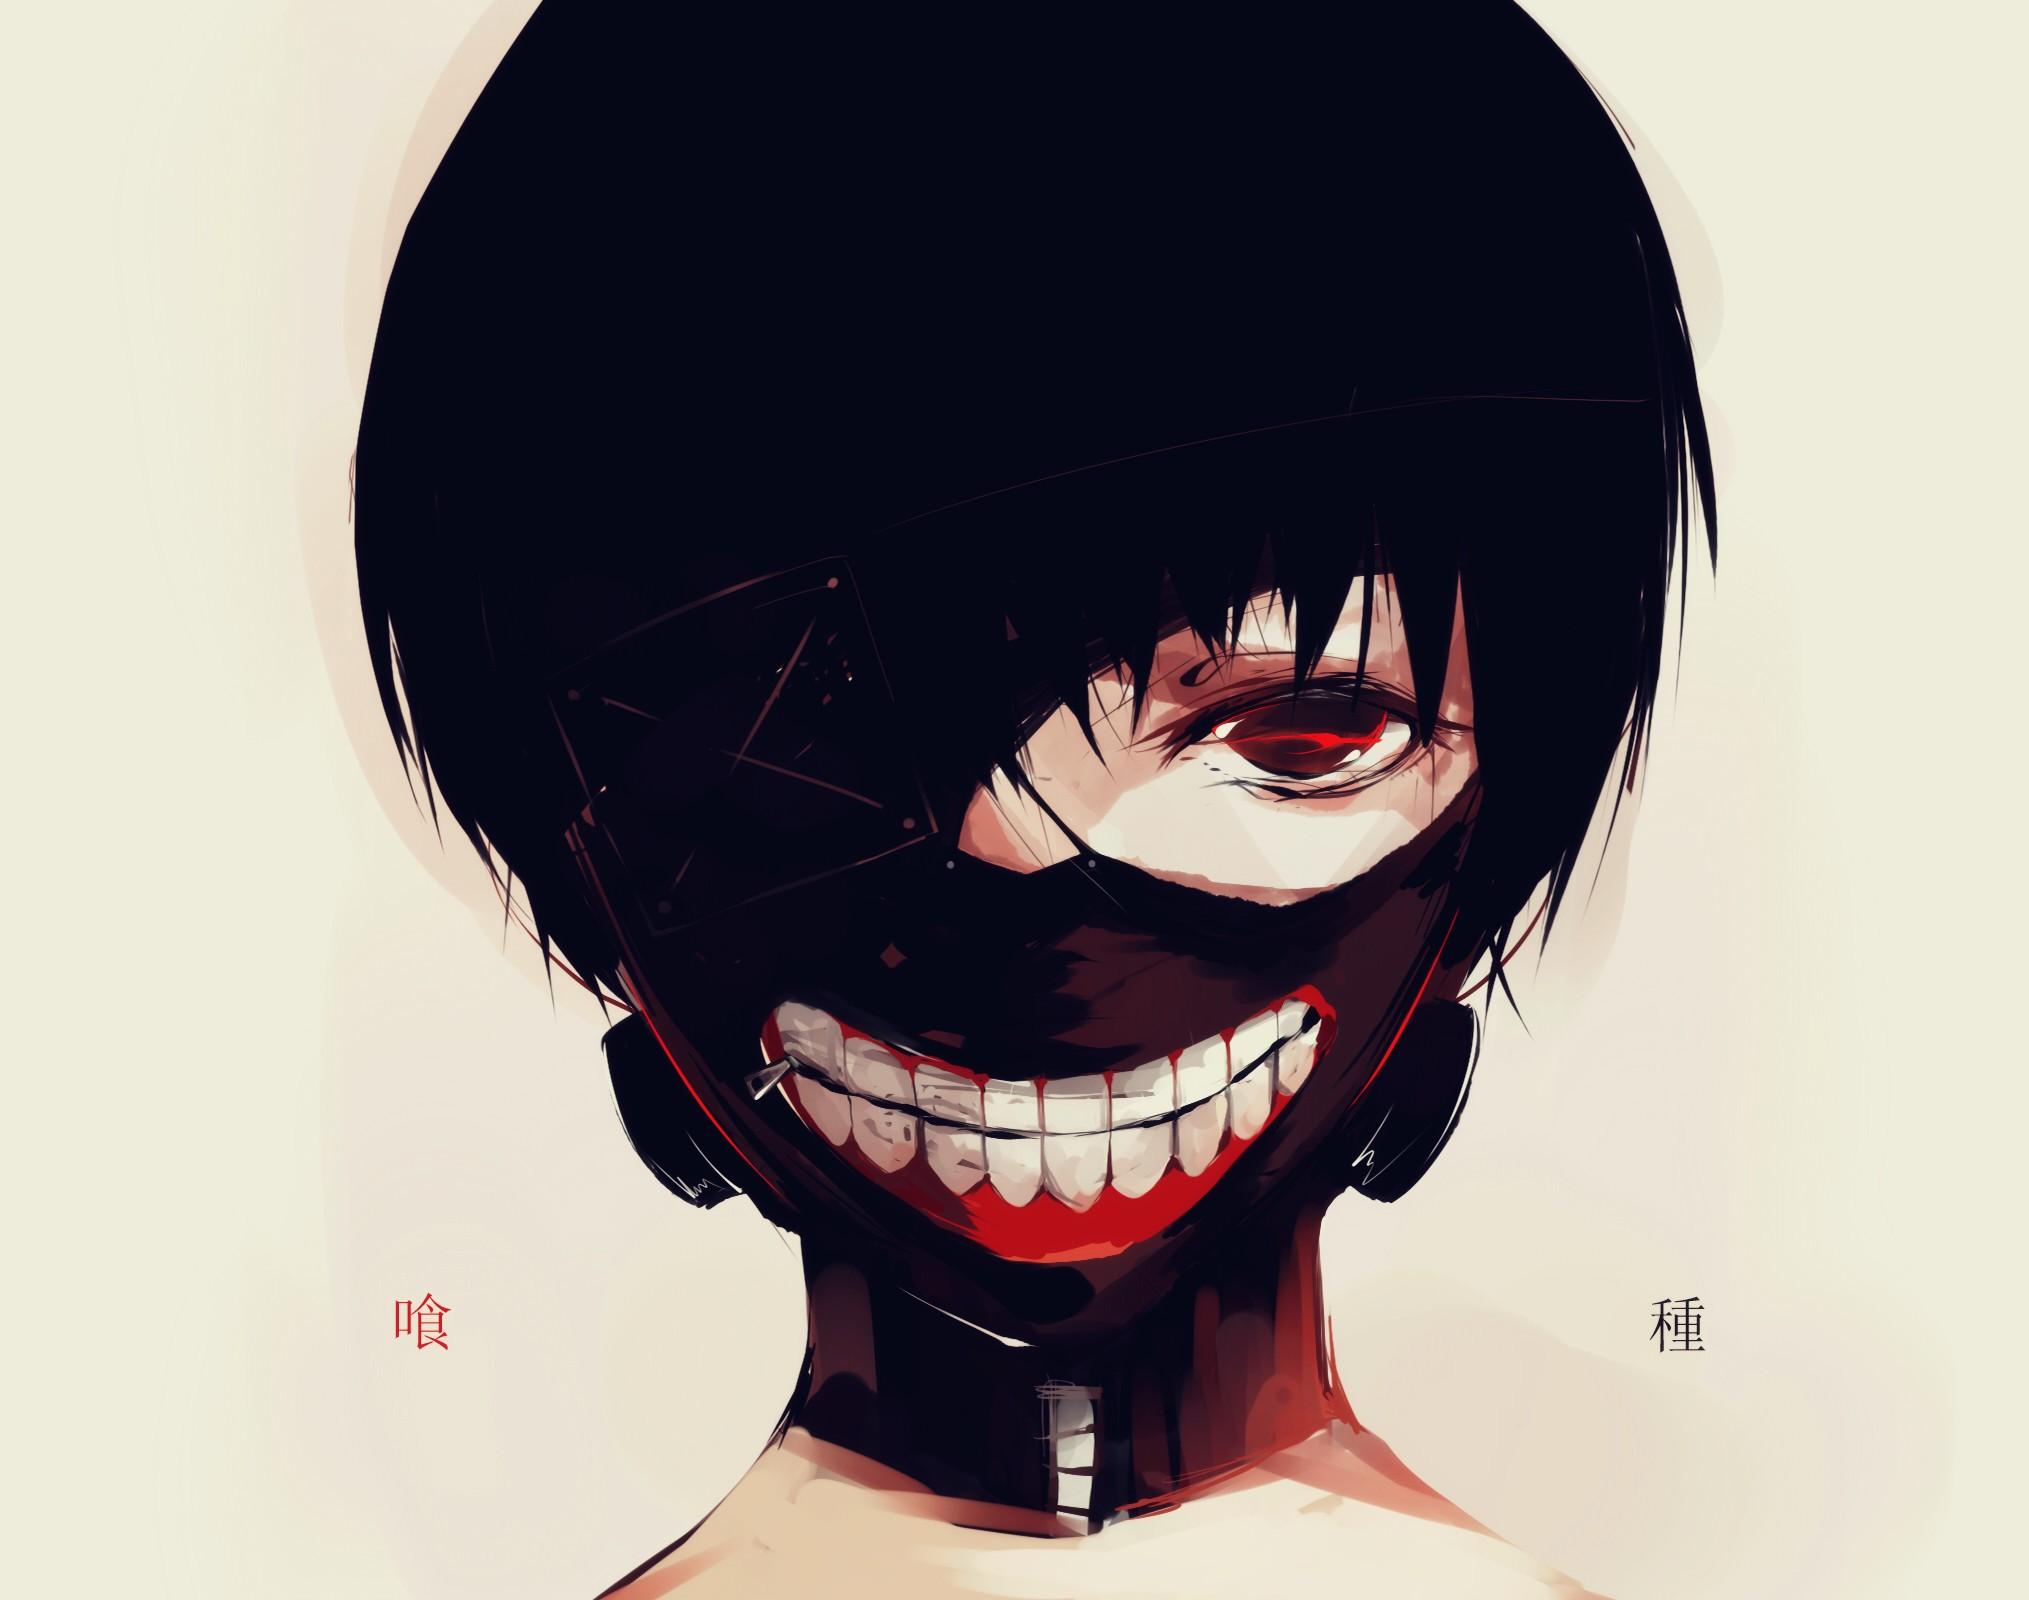 Sfondi viso disegno nero illustrazione ragazzi anime